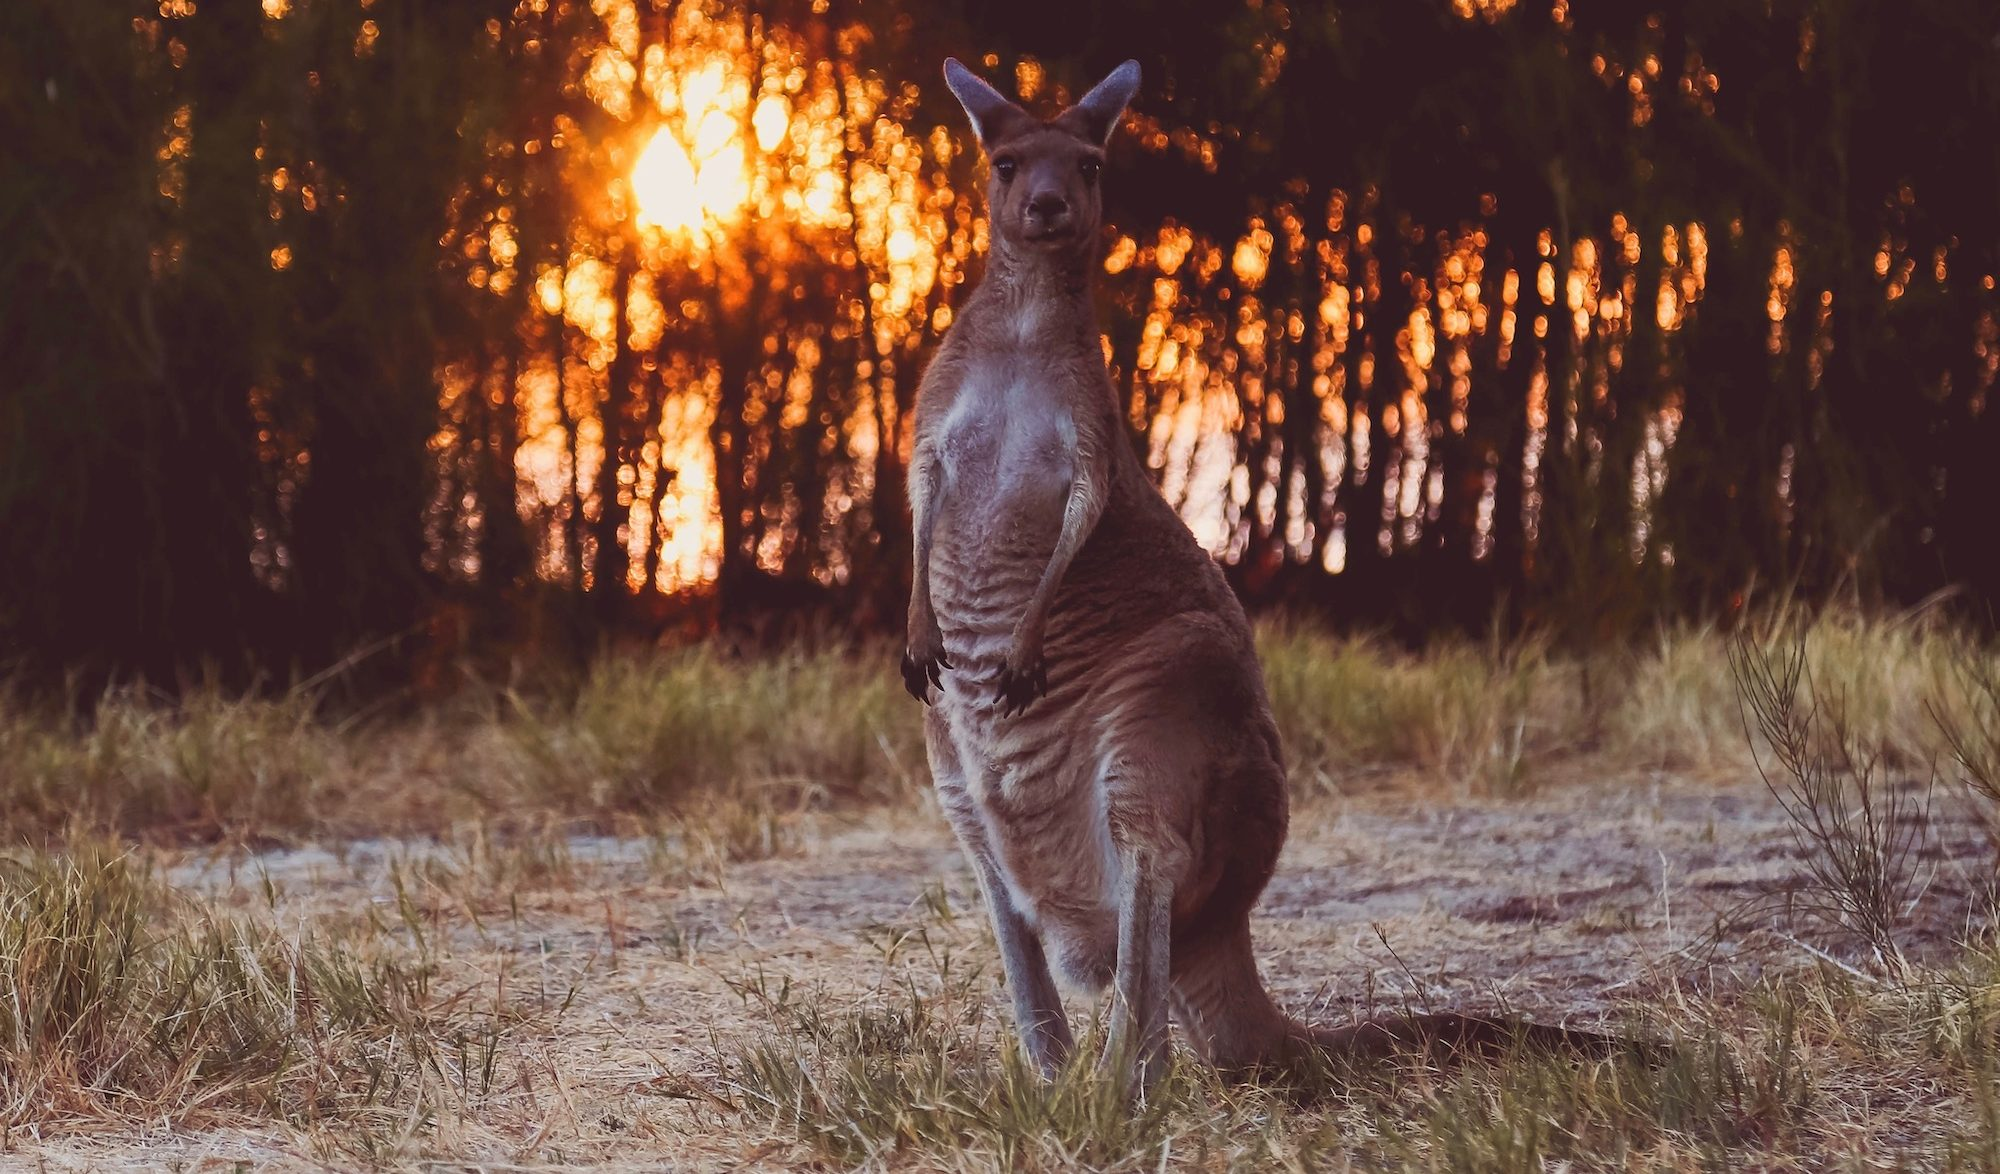 Kangourou et feu de forêt amanda-klamrowski-Unsplash